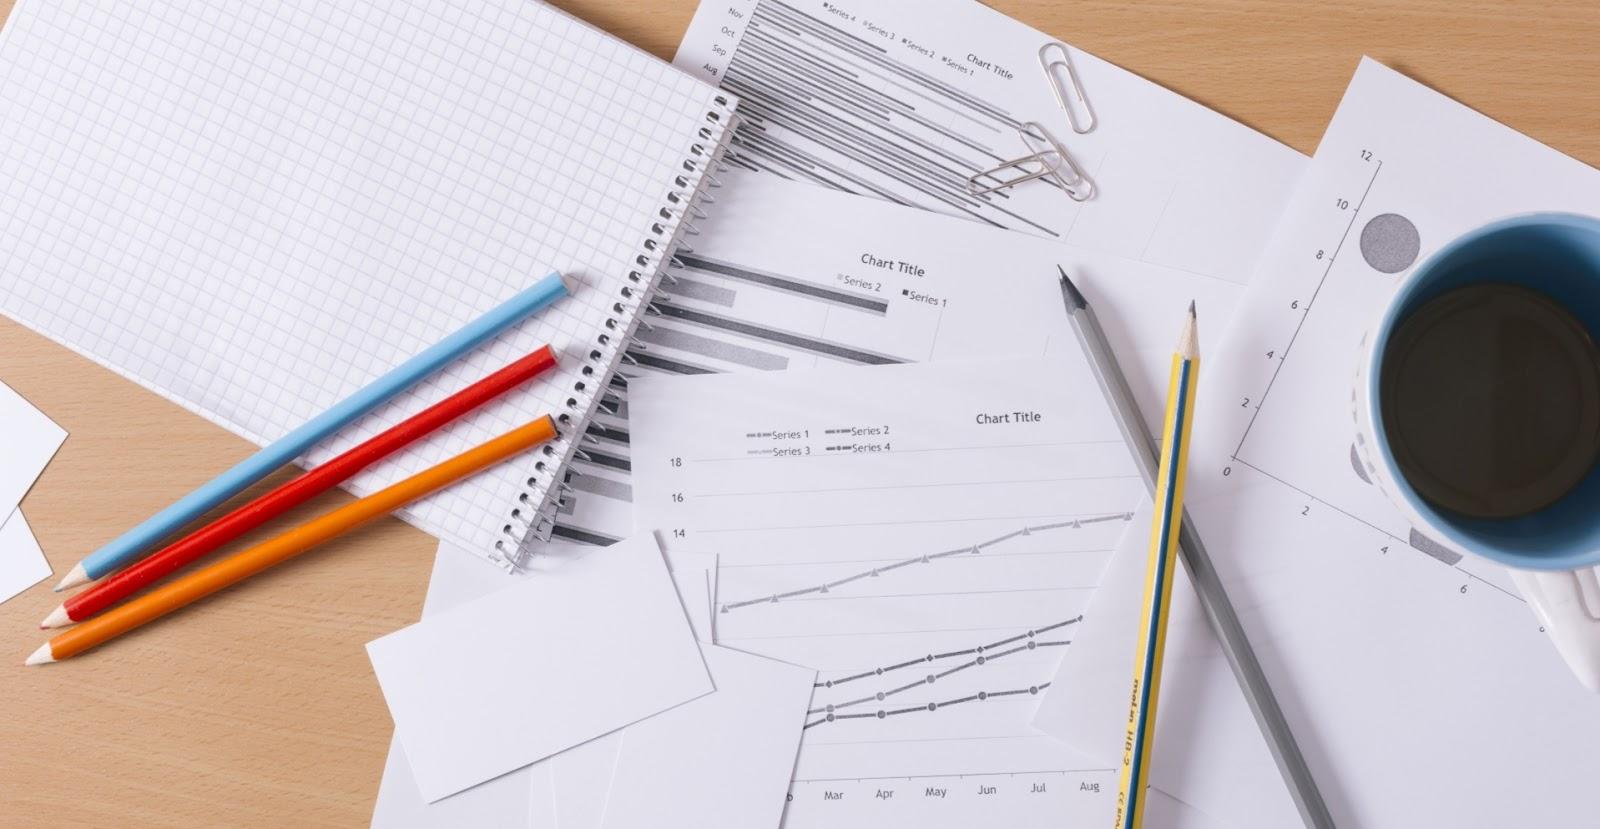 紙上生產力:免費列印 12 種高效率做計畫的筆記範本